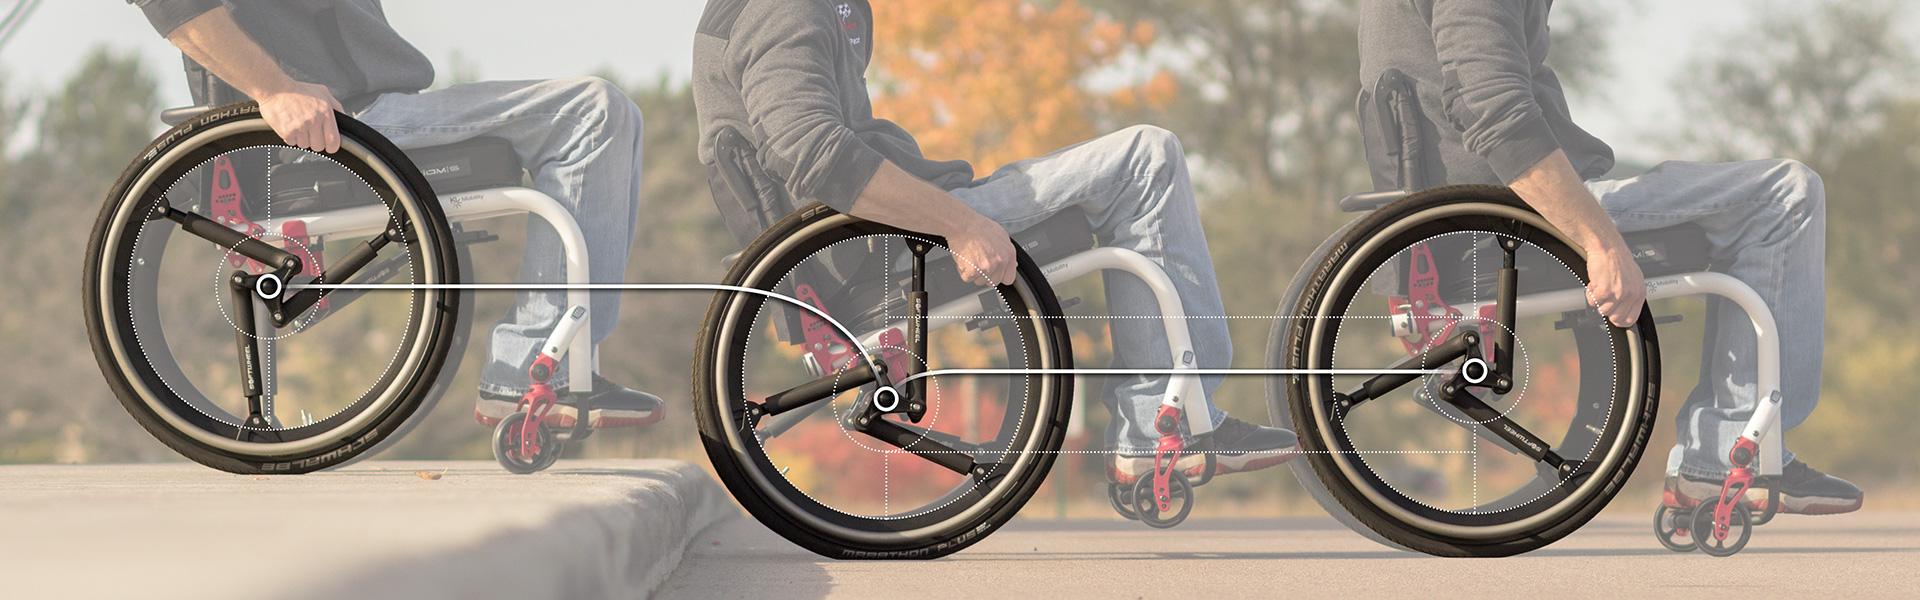 softwheel-technologyinuse.jpg